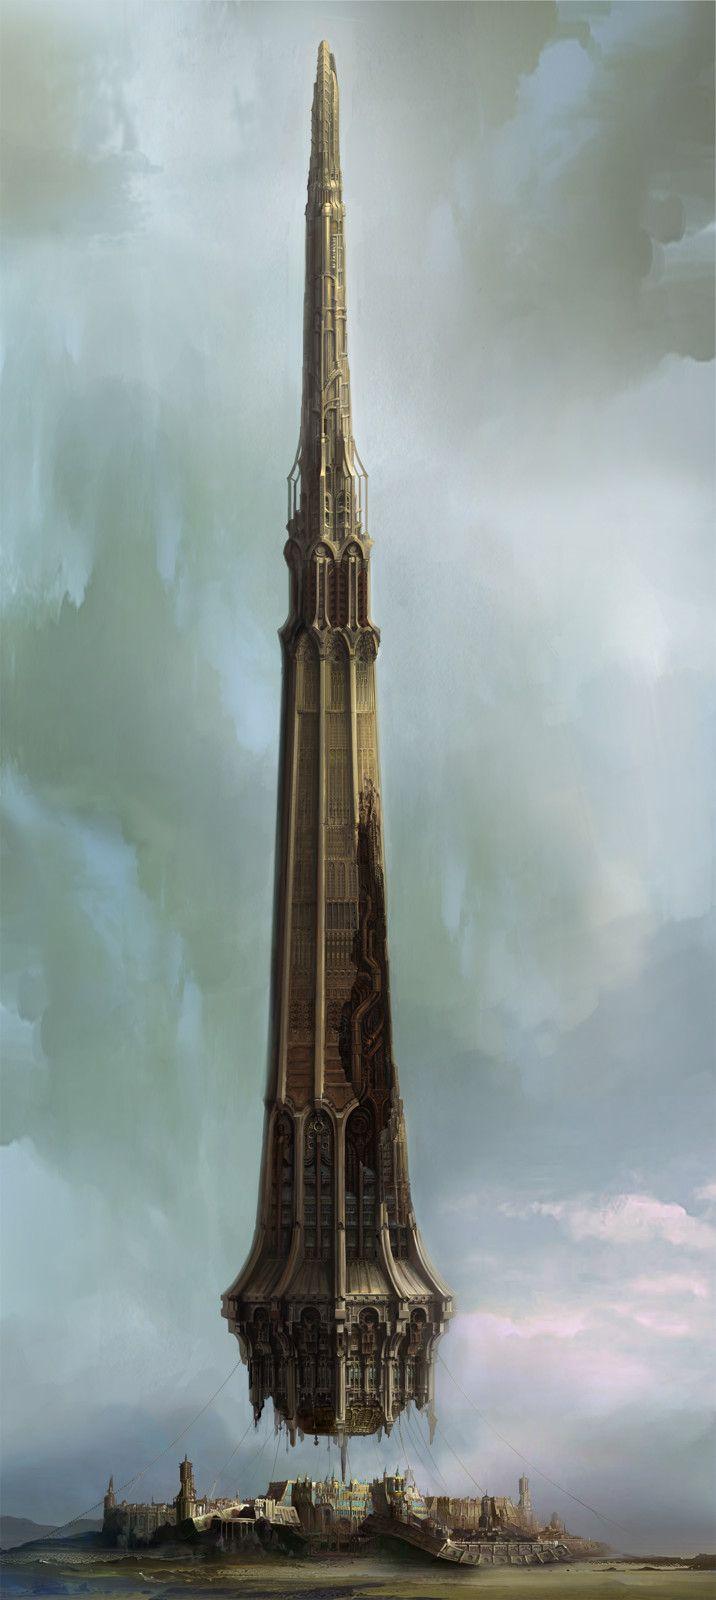 EIN- Tower 'Phlegyas', Choong Yeol Lee on ArtStation at https://www.artstation.com/artwork/LlBKv